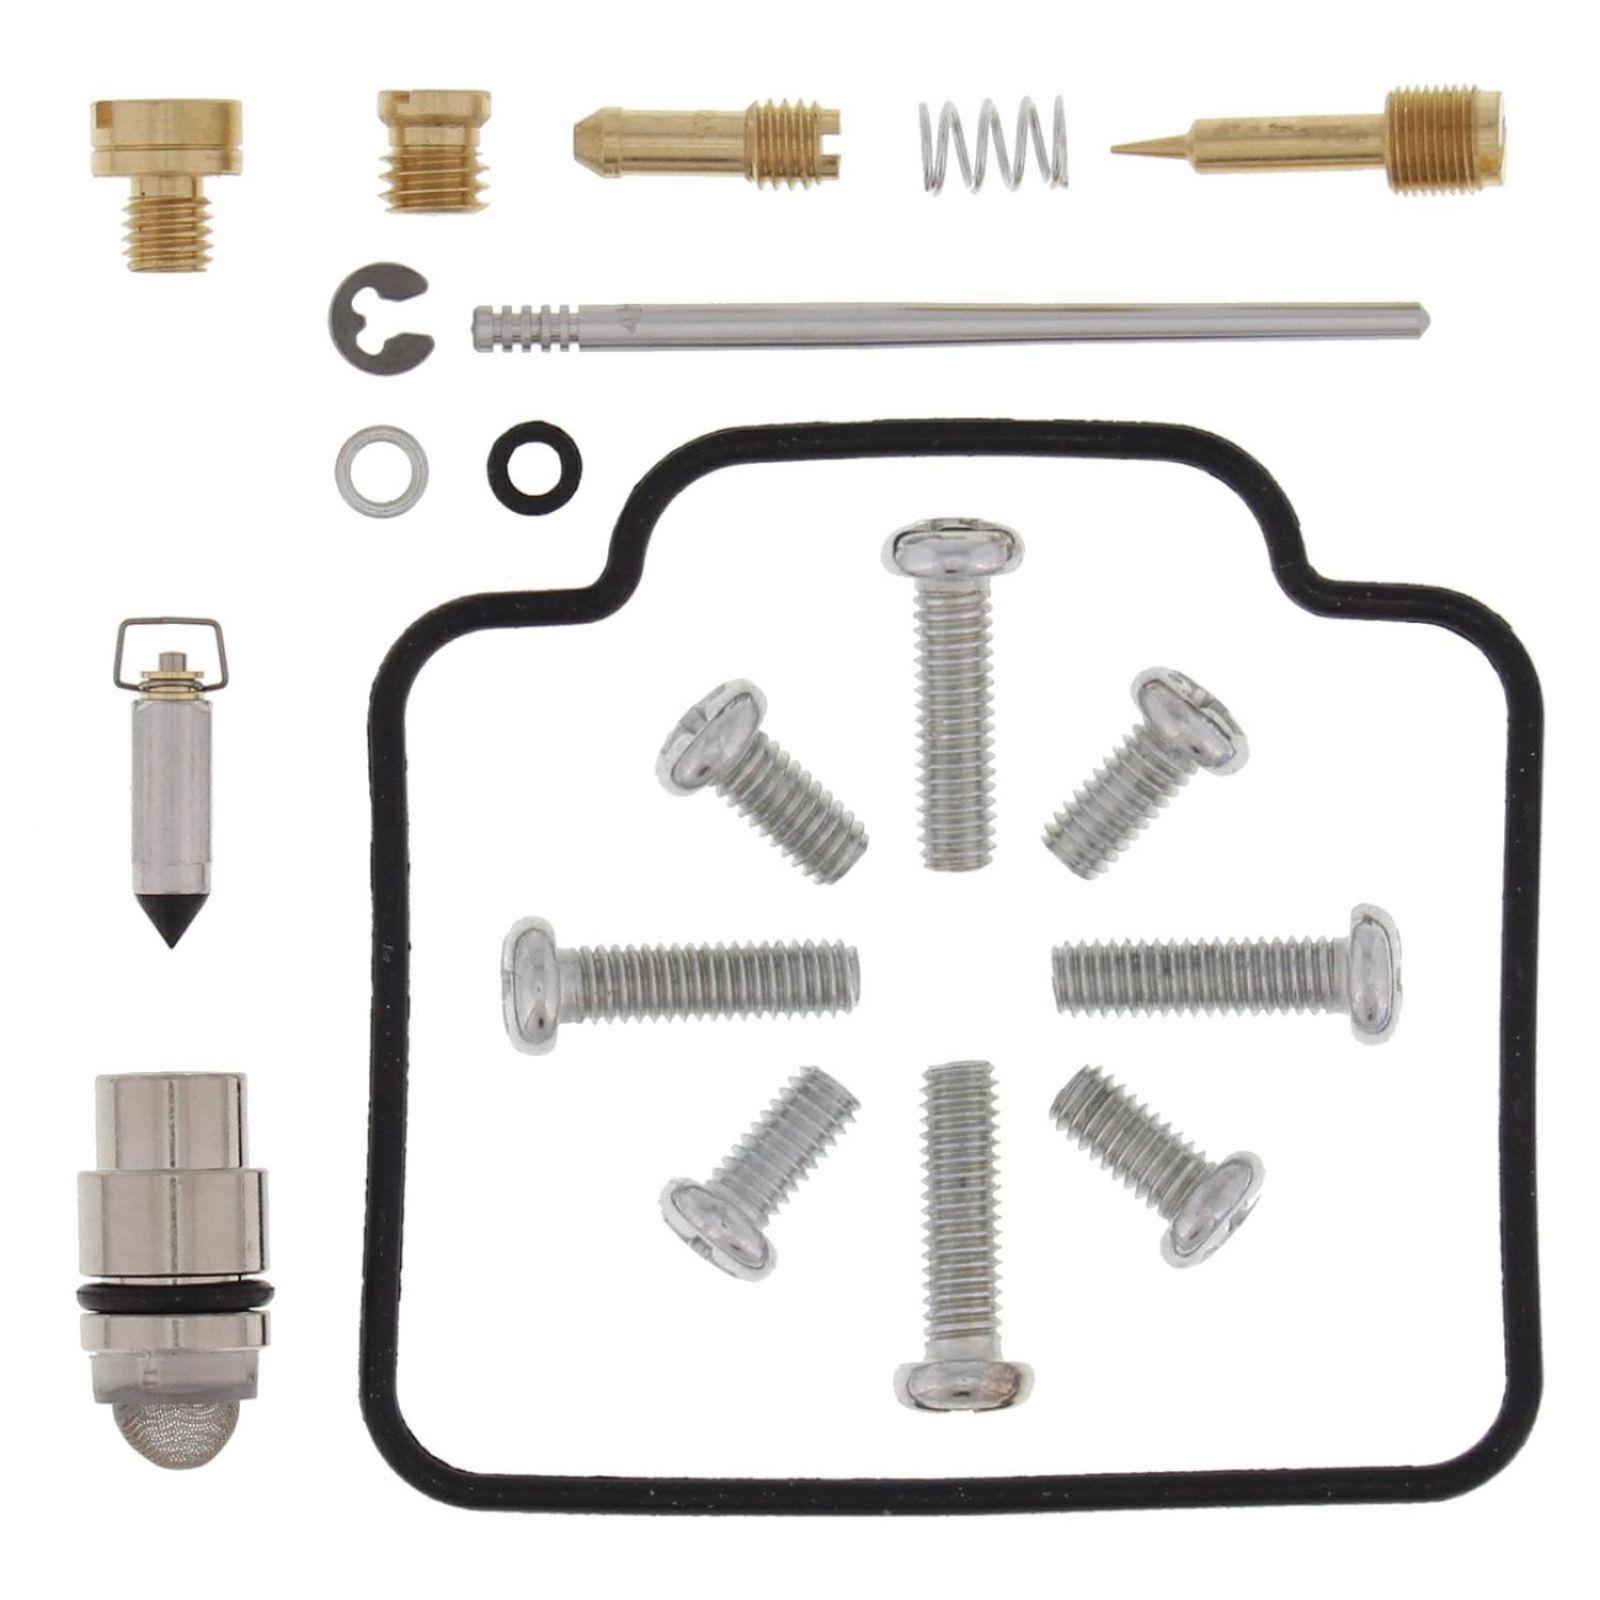 WRP Carb Repair Kits - WRP261032 image